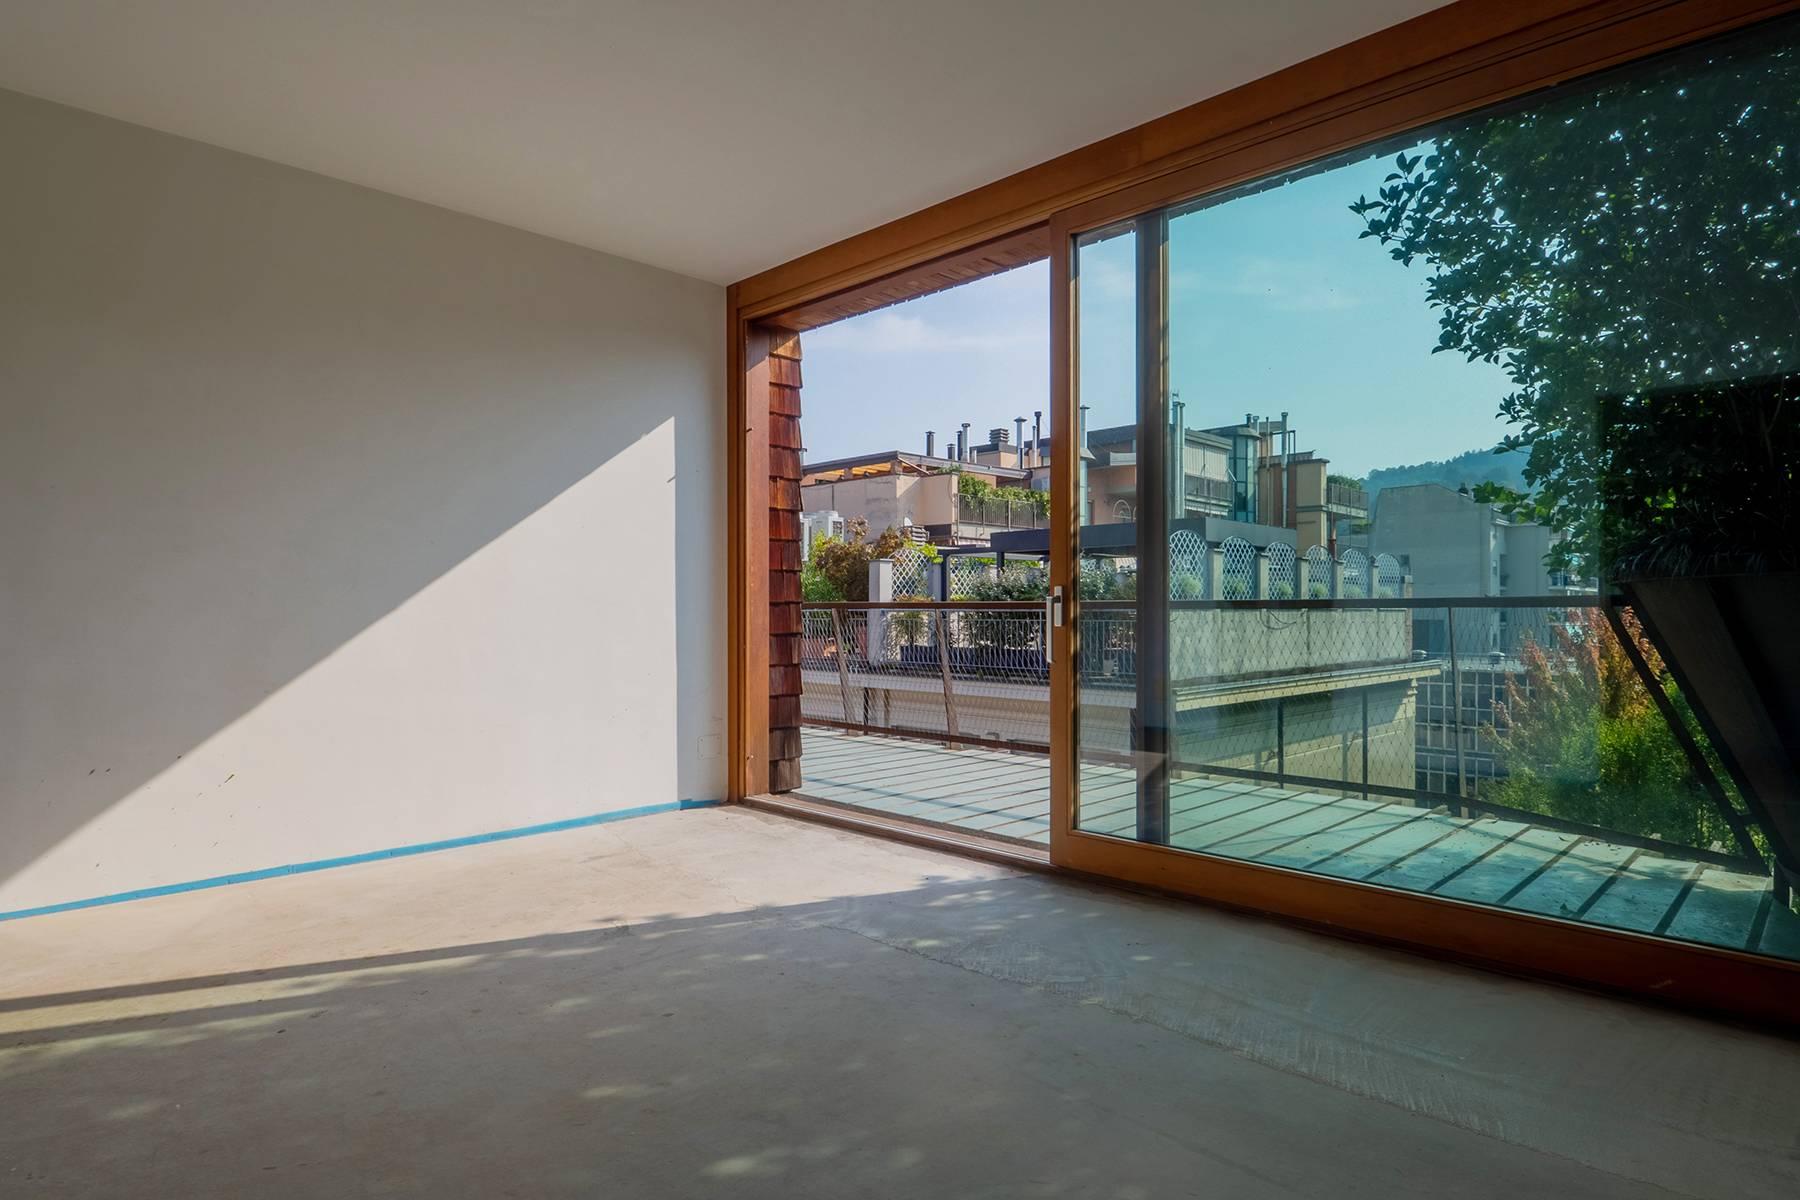 Appartamento in Vendita a Torino: 4 locali, 126 mq - Foto 4